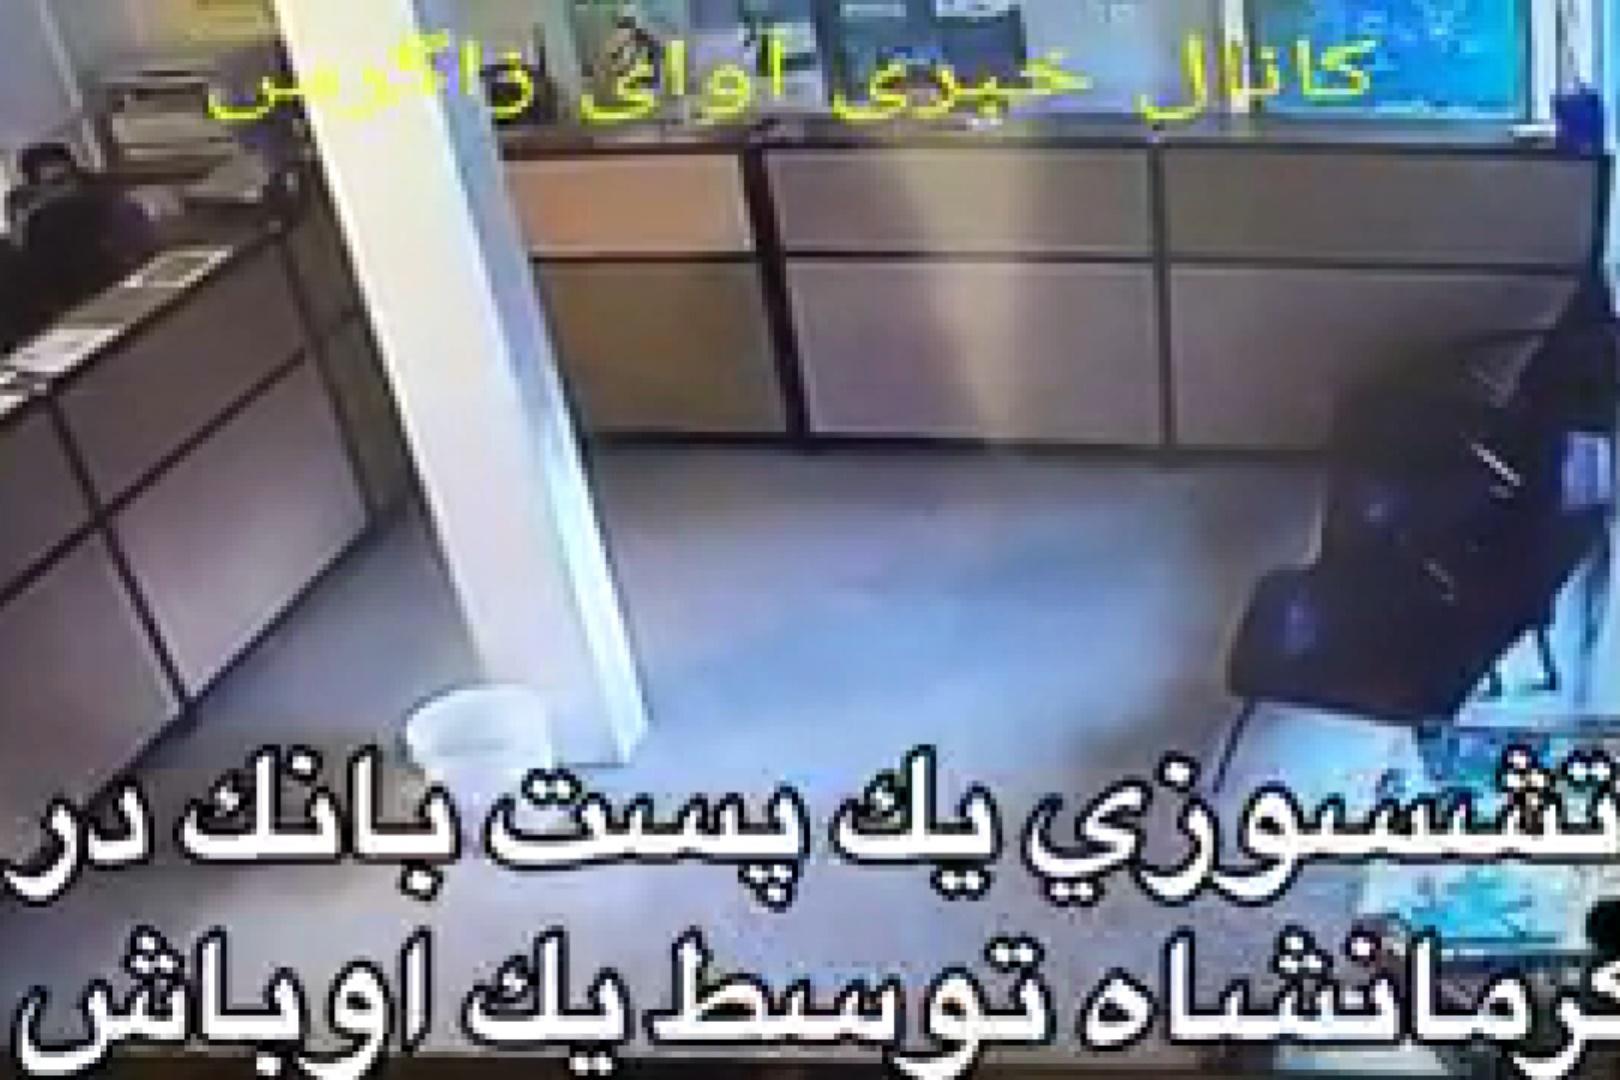 فیلم   آتشزدن یک پستبانک در کرمانشاه درپی درگیری دو برادر